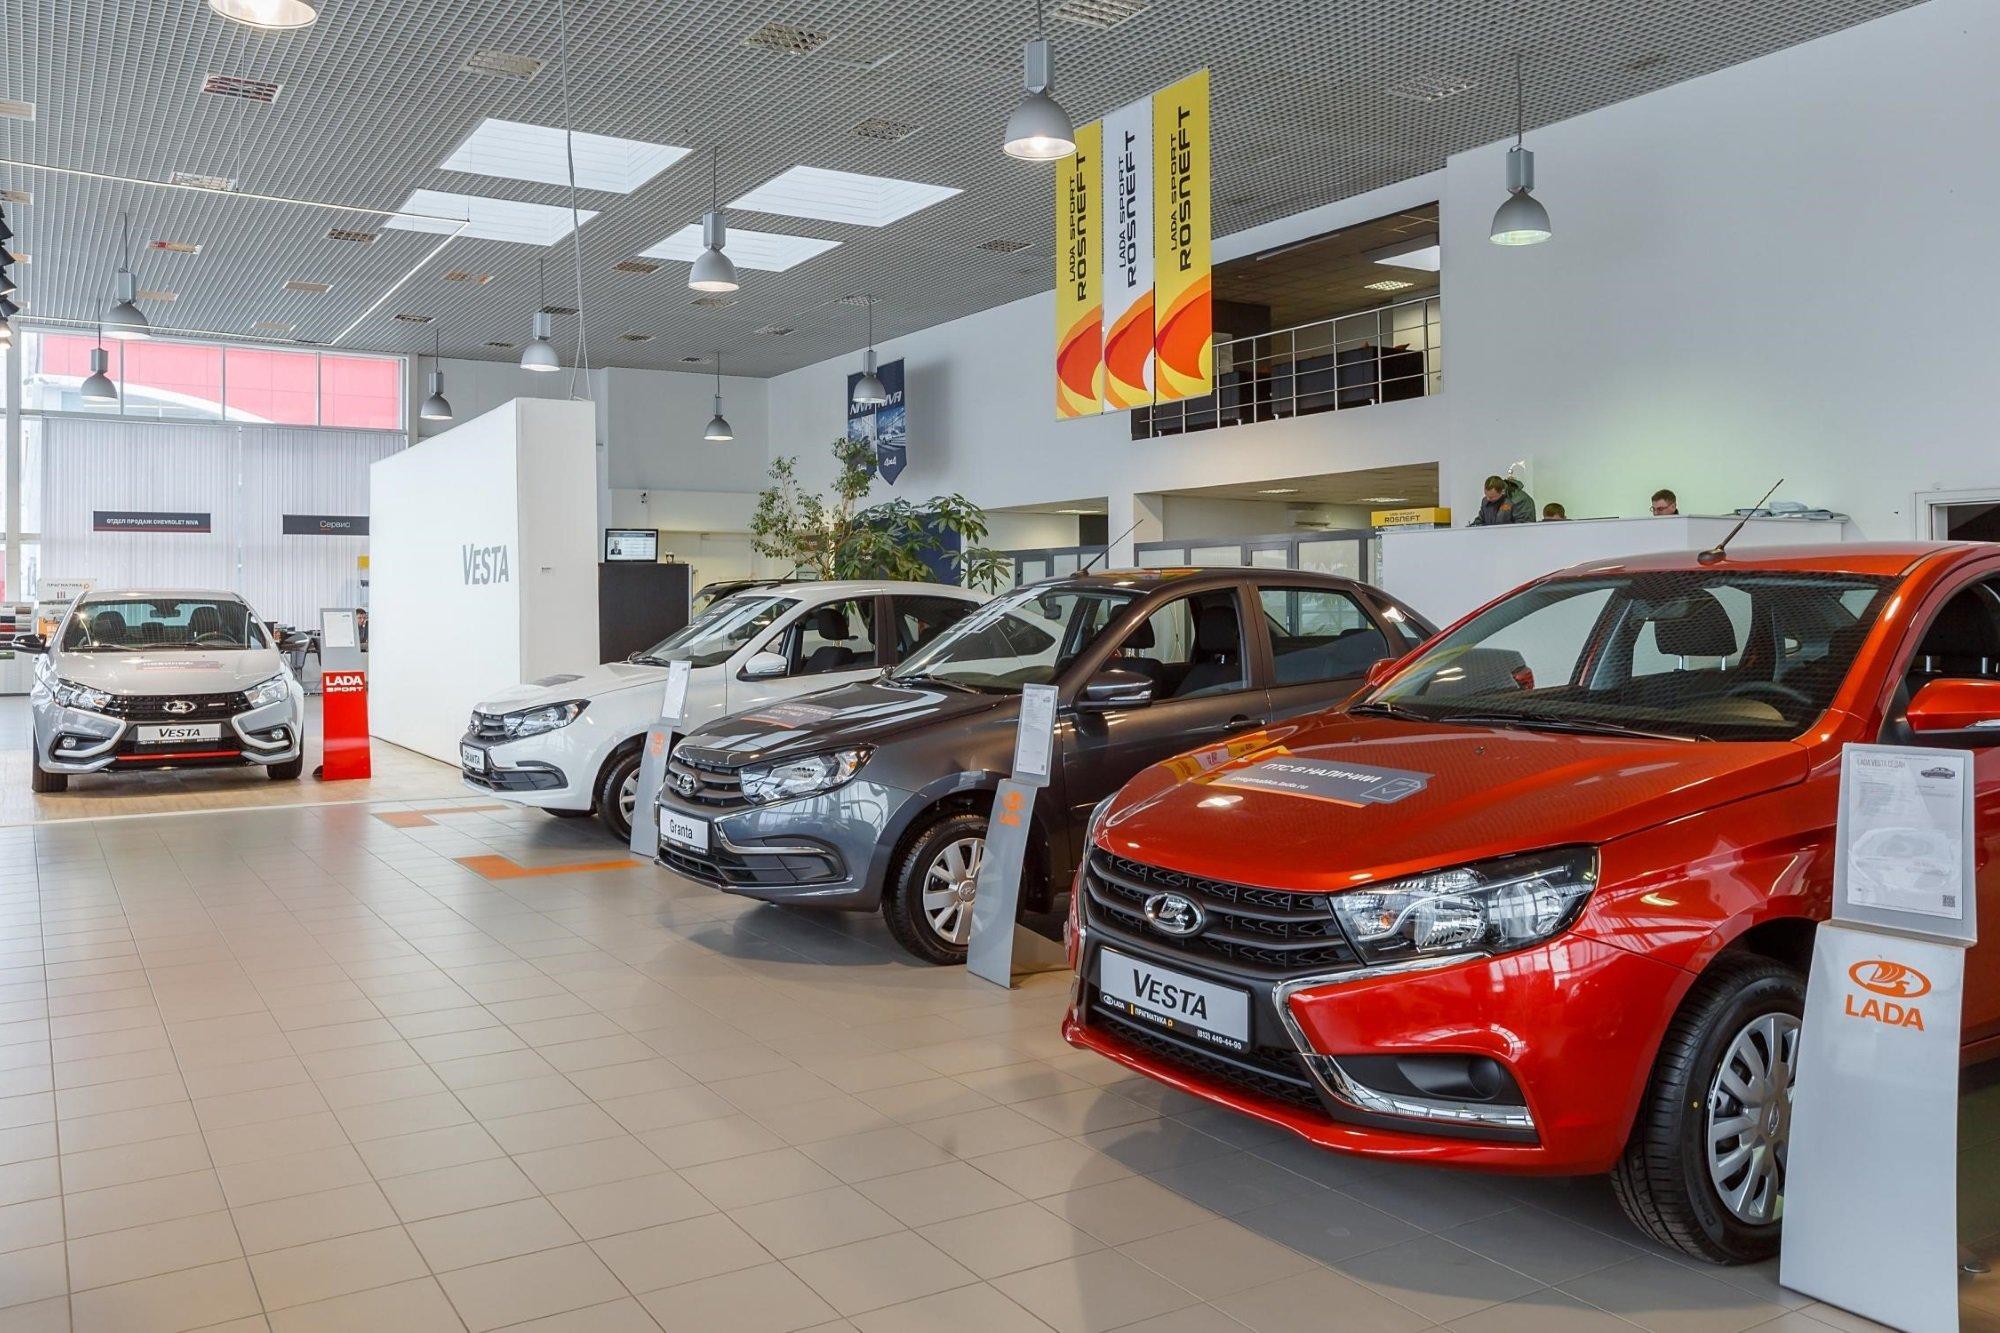 Продажи Lada за полгода: пока в плюсе, но есть тревожные сигналы